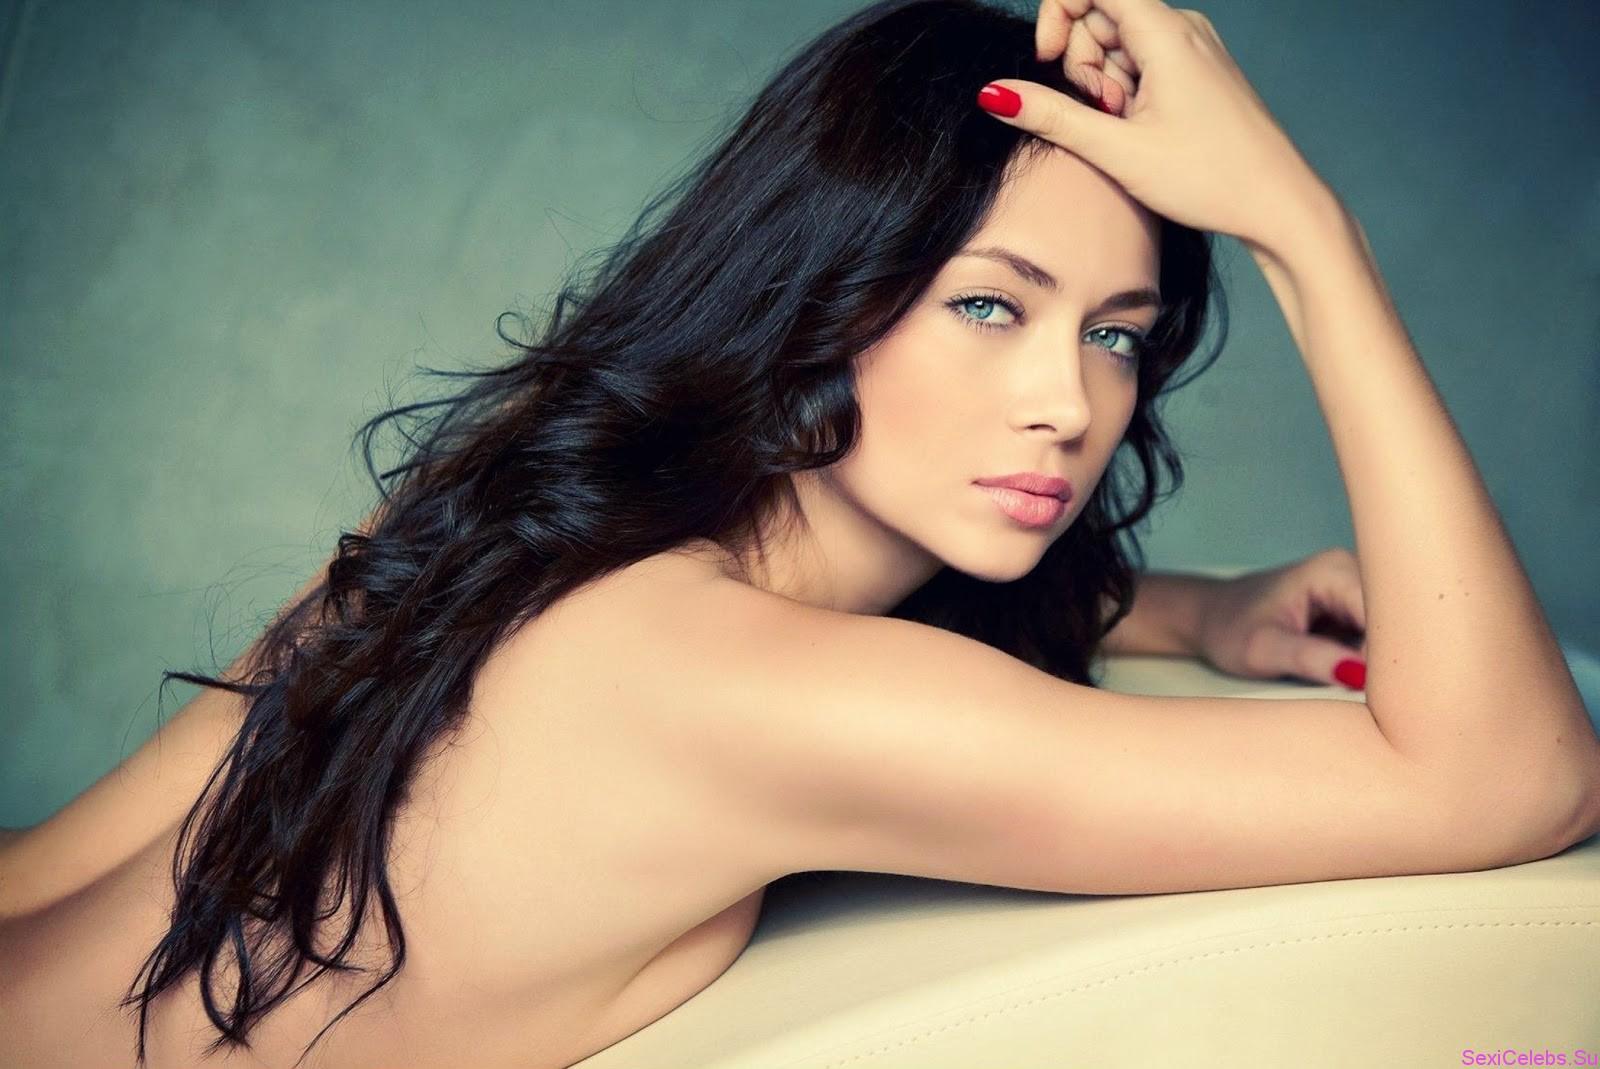 Фейк фото русских актрис 21 фотография